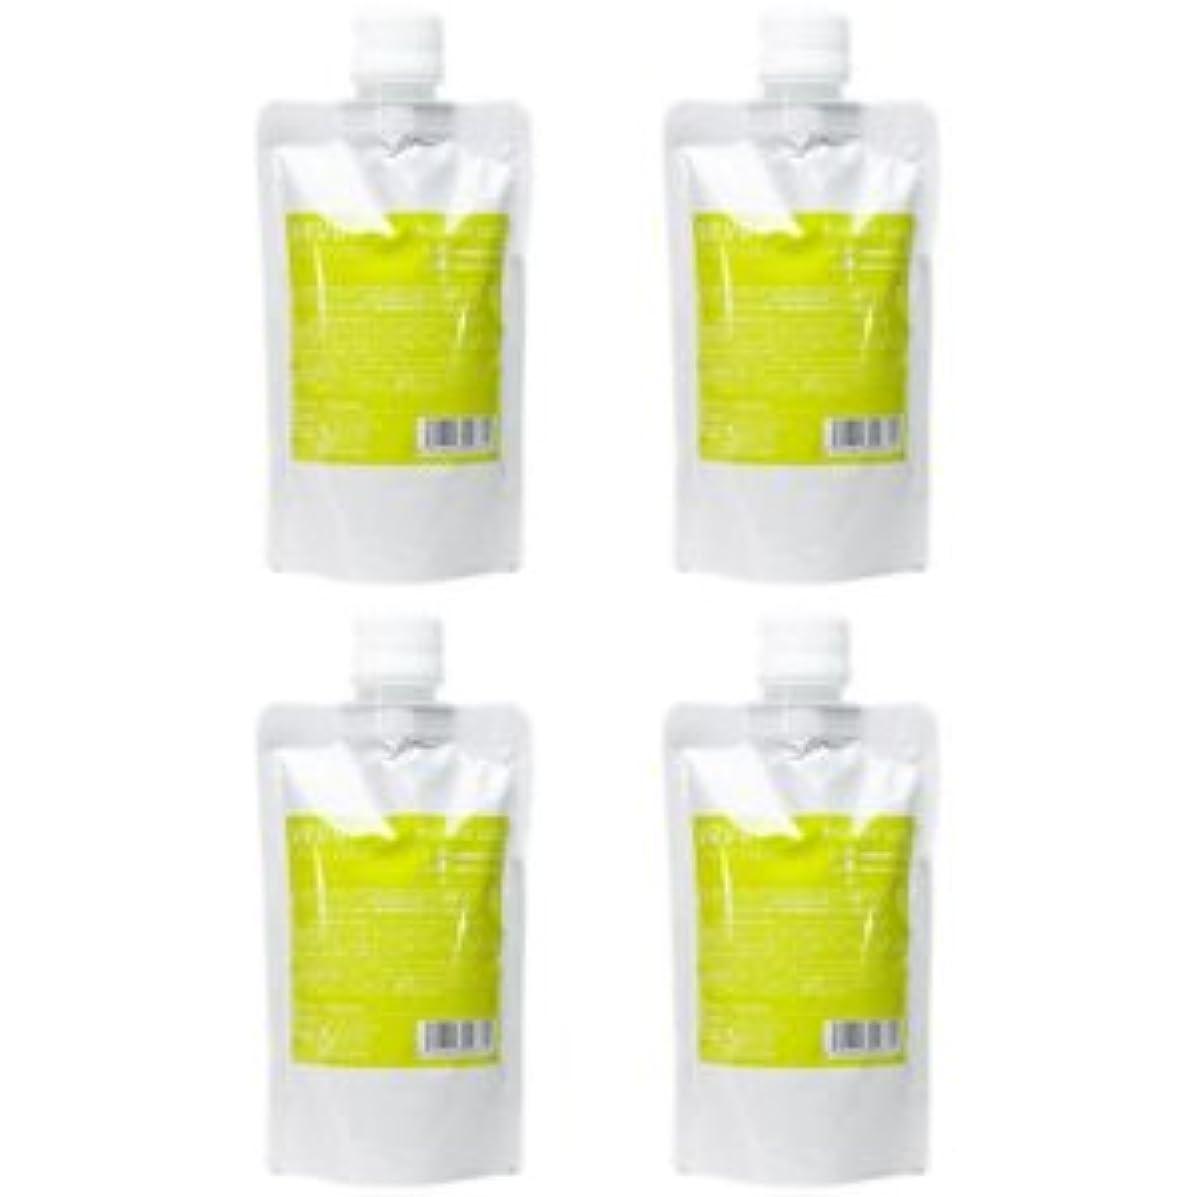 適度に住人熟考する【X4個セット】 デミ ウェーボ デザインキューブ エアルーズワックス 200g 業務用 airloose wax DEMI uevo design cube